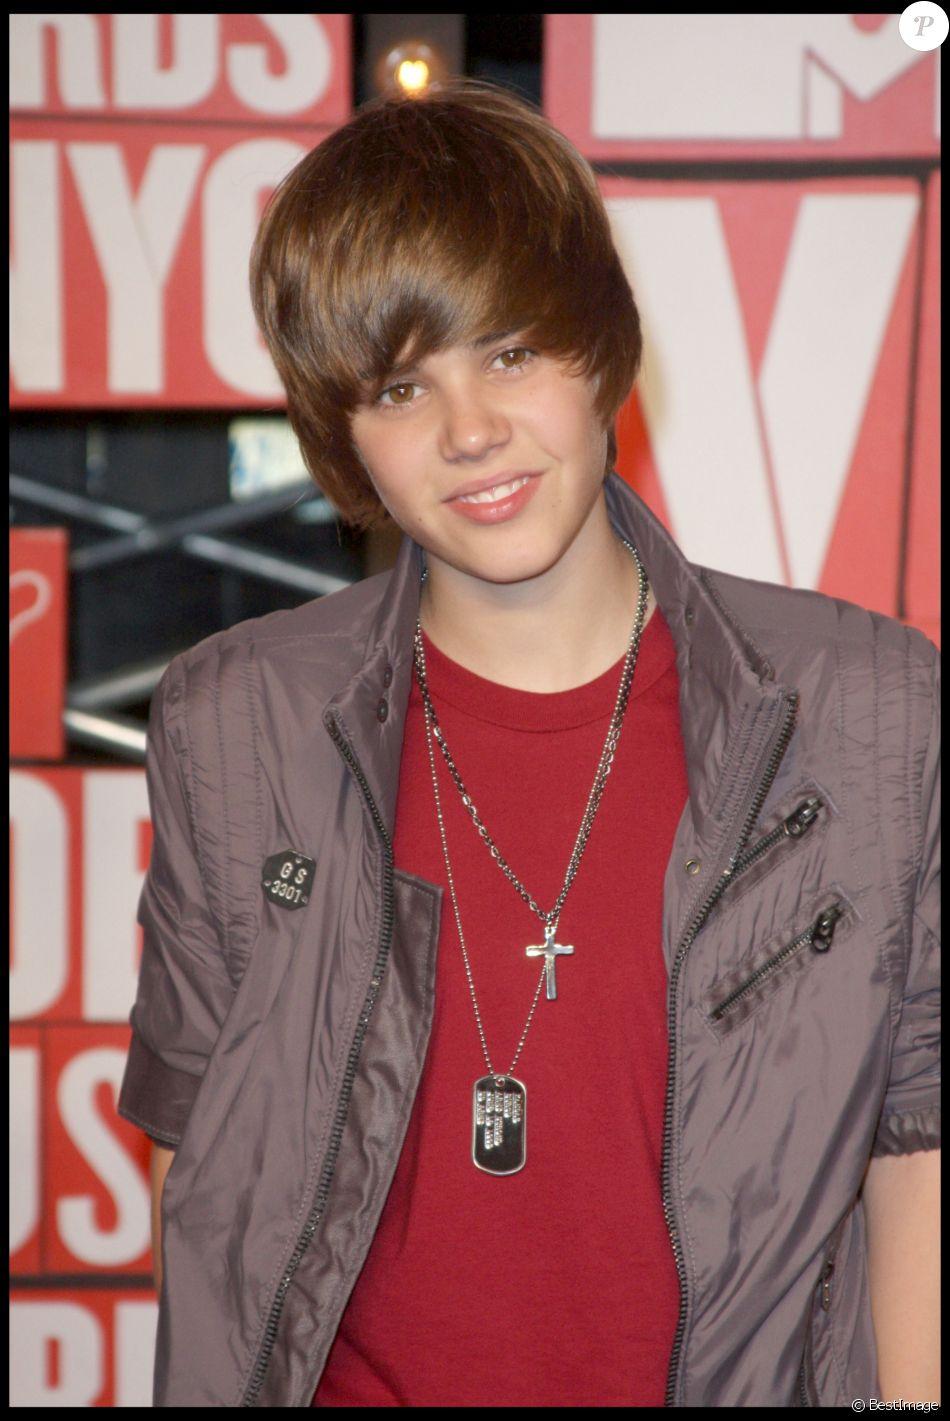 Justin Bieber à la 25e édition des MTV Music Awards à New York le 13 septembre 2009